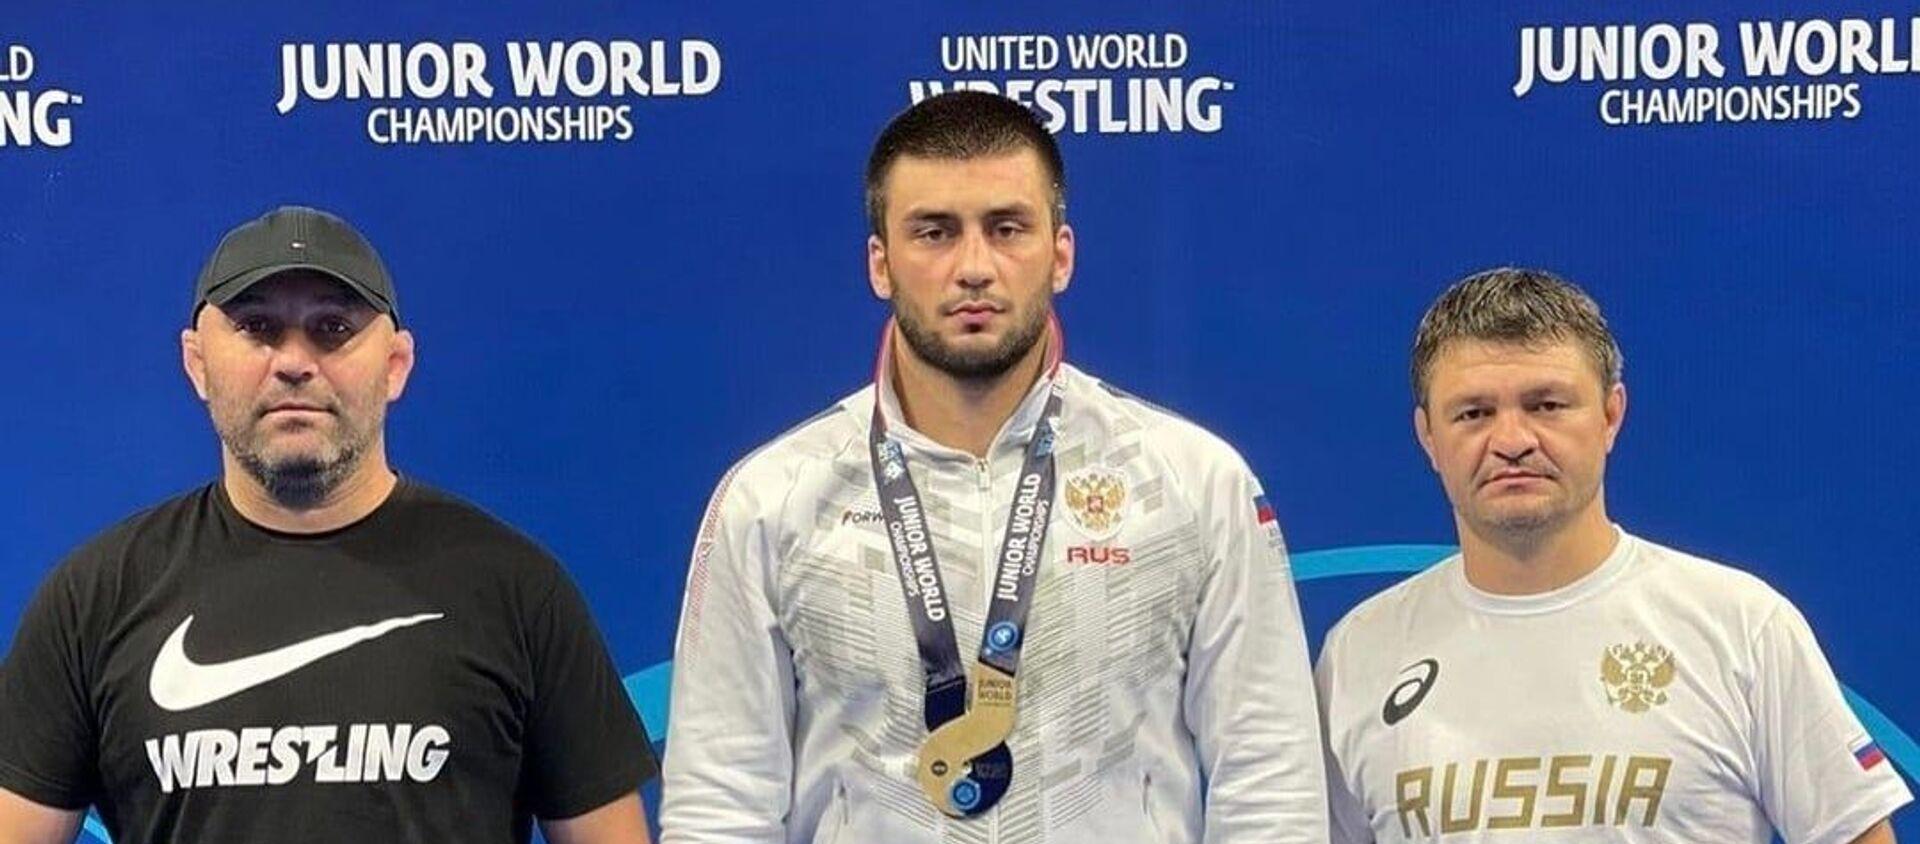 Андрей Бестаев стал бронзовым призером первенства мира среди юниоров до 21 года. - Sputnik Южная Осетия, 1920, 19.08.2021